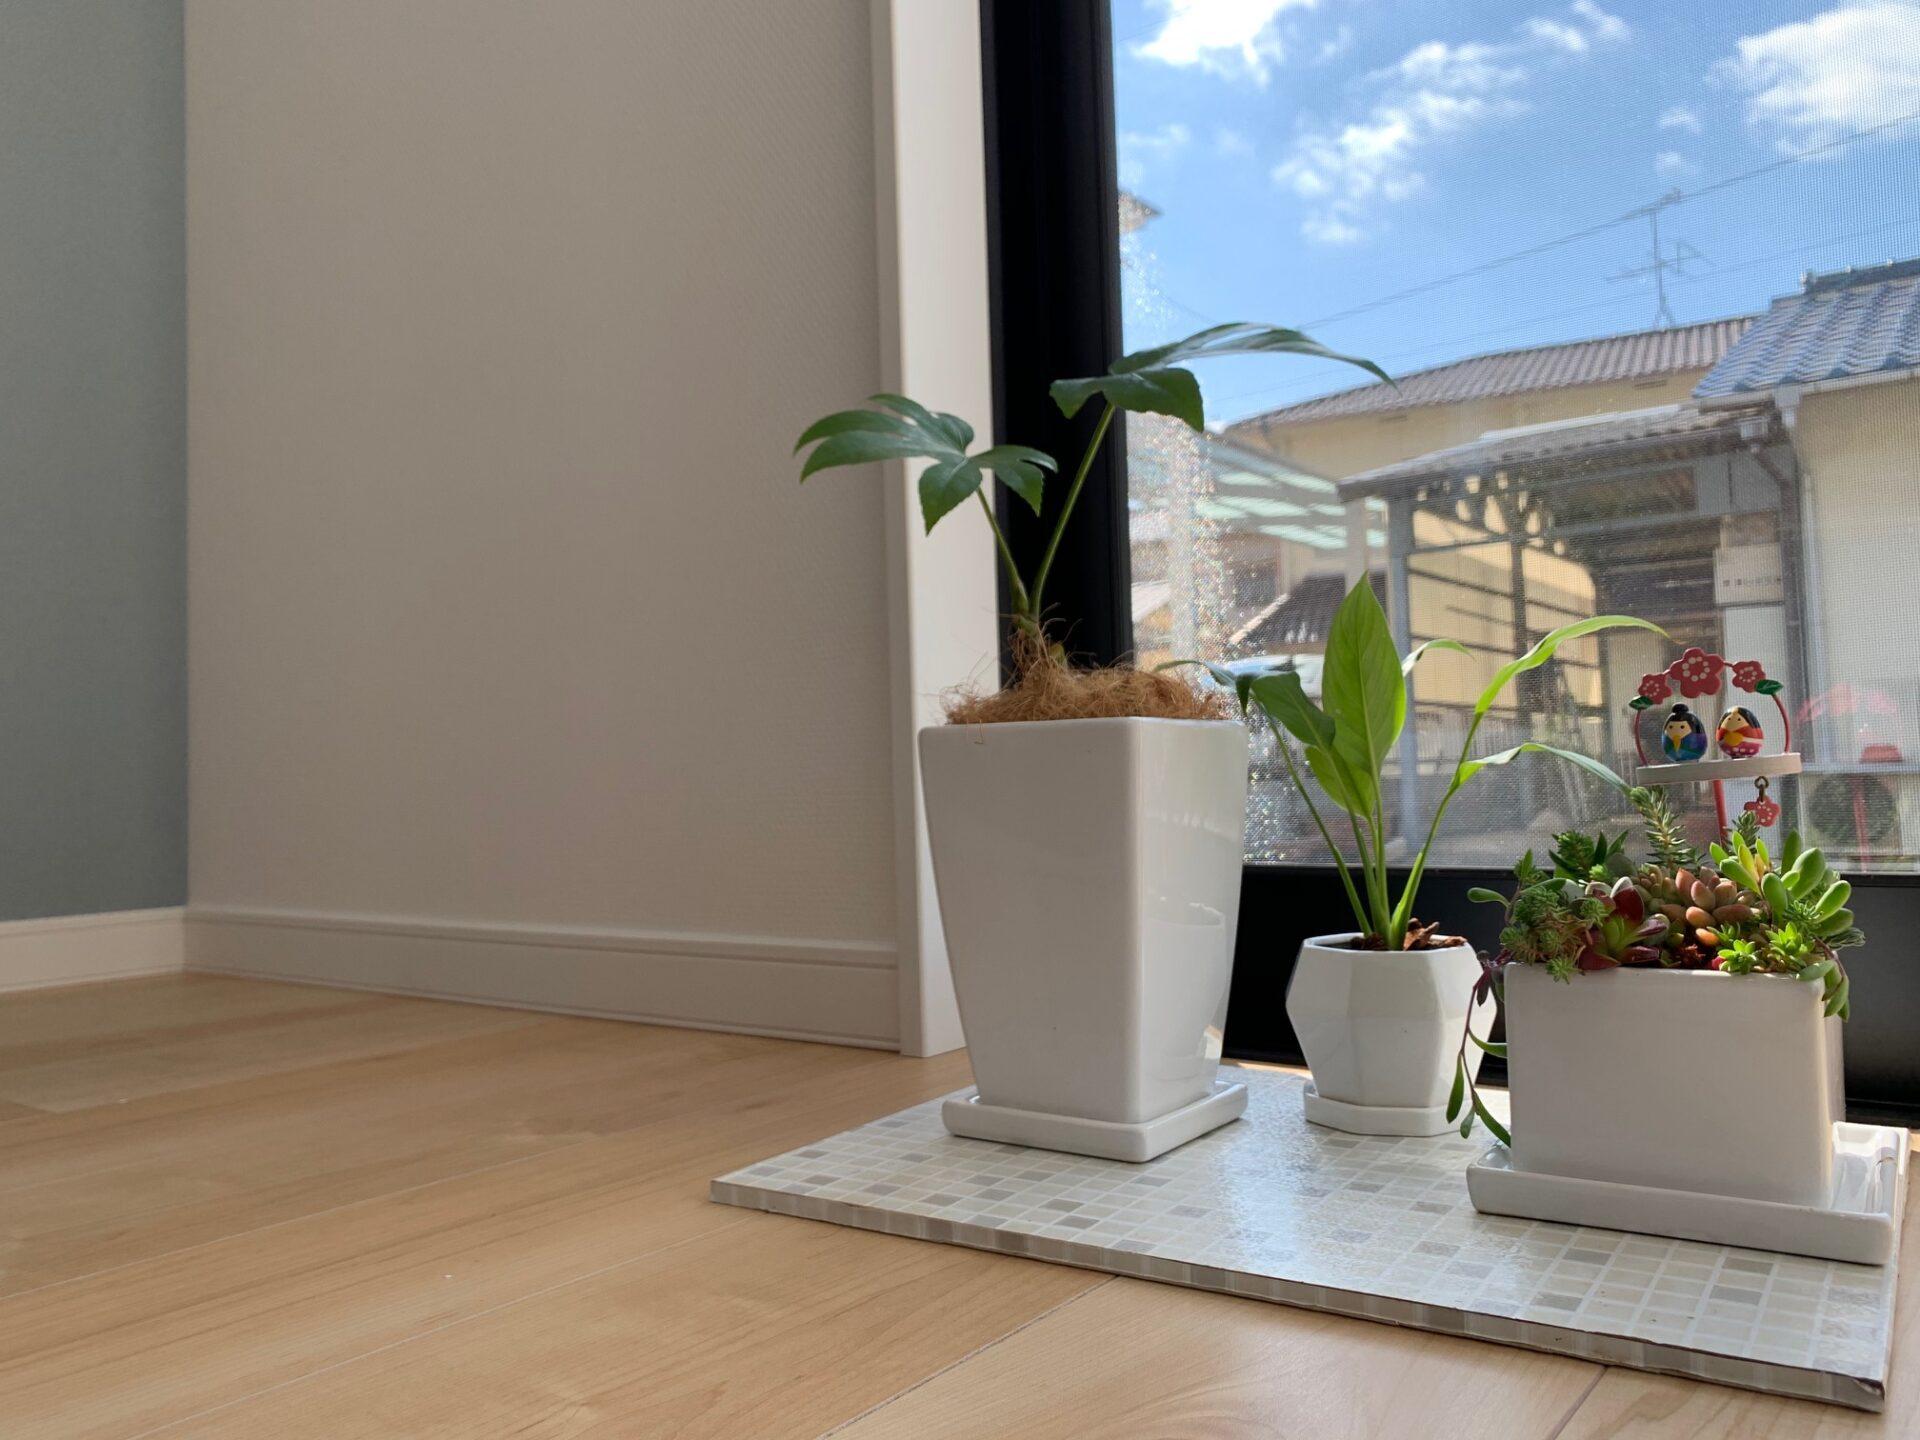 インテリアの飾り植木鉢